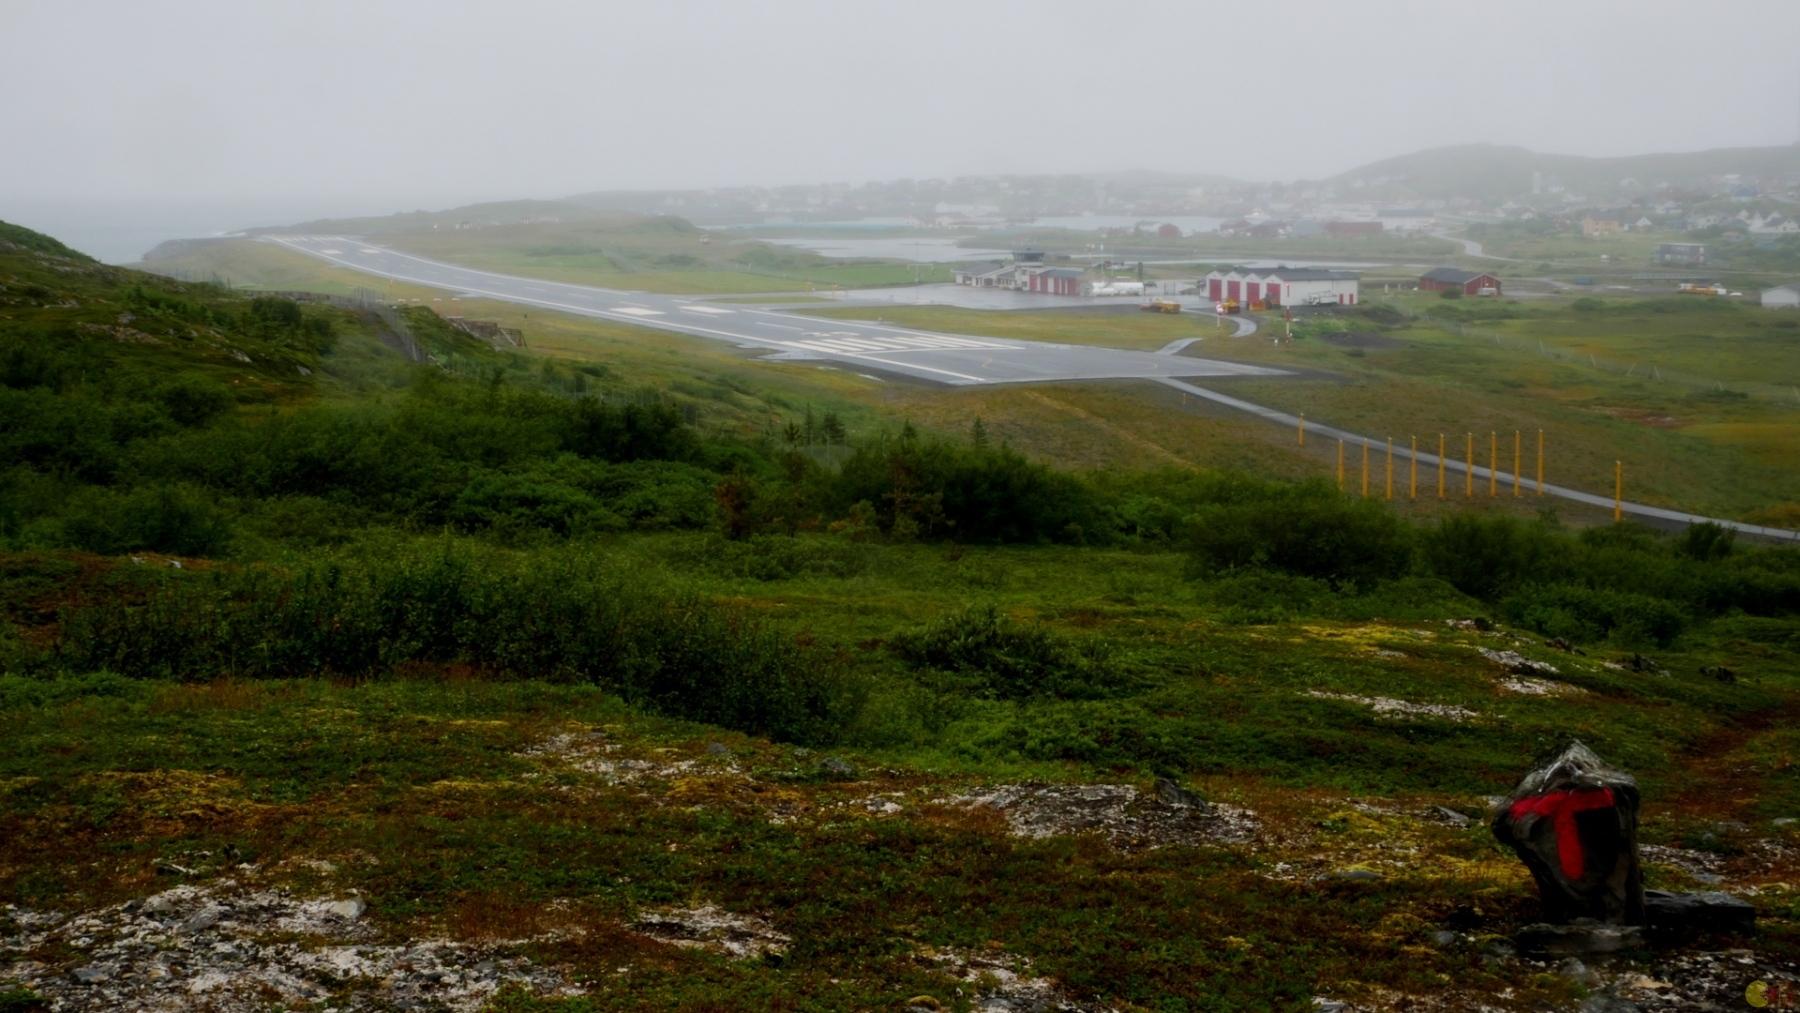 Mehamn při návratu - tady dole už není mlha tak hustá.